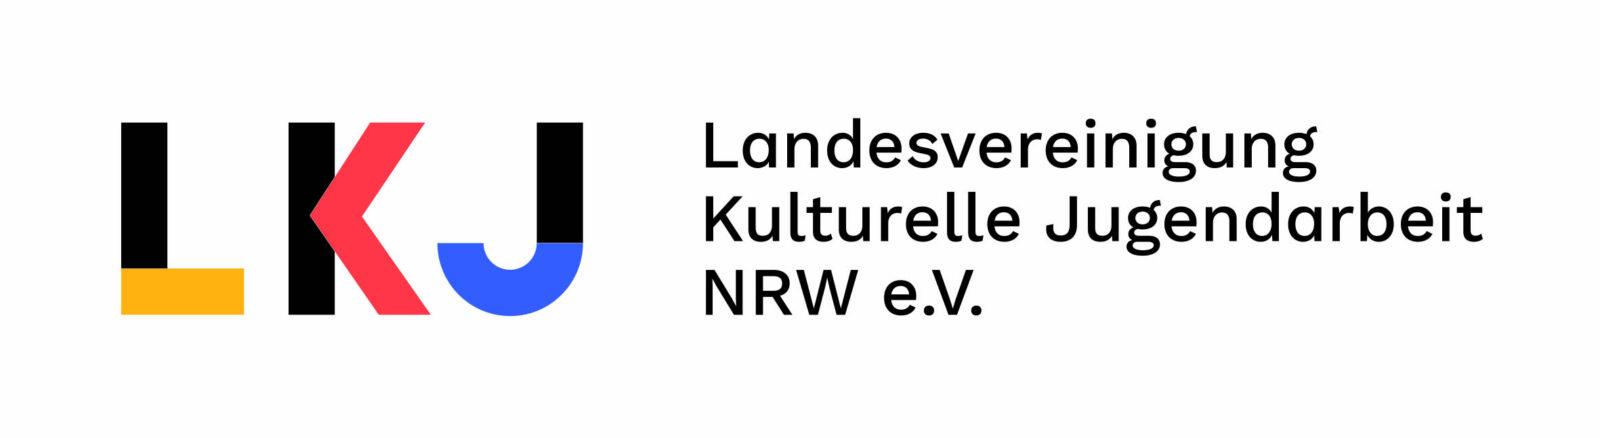 LKJ_Logo_Farbe